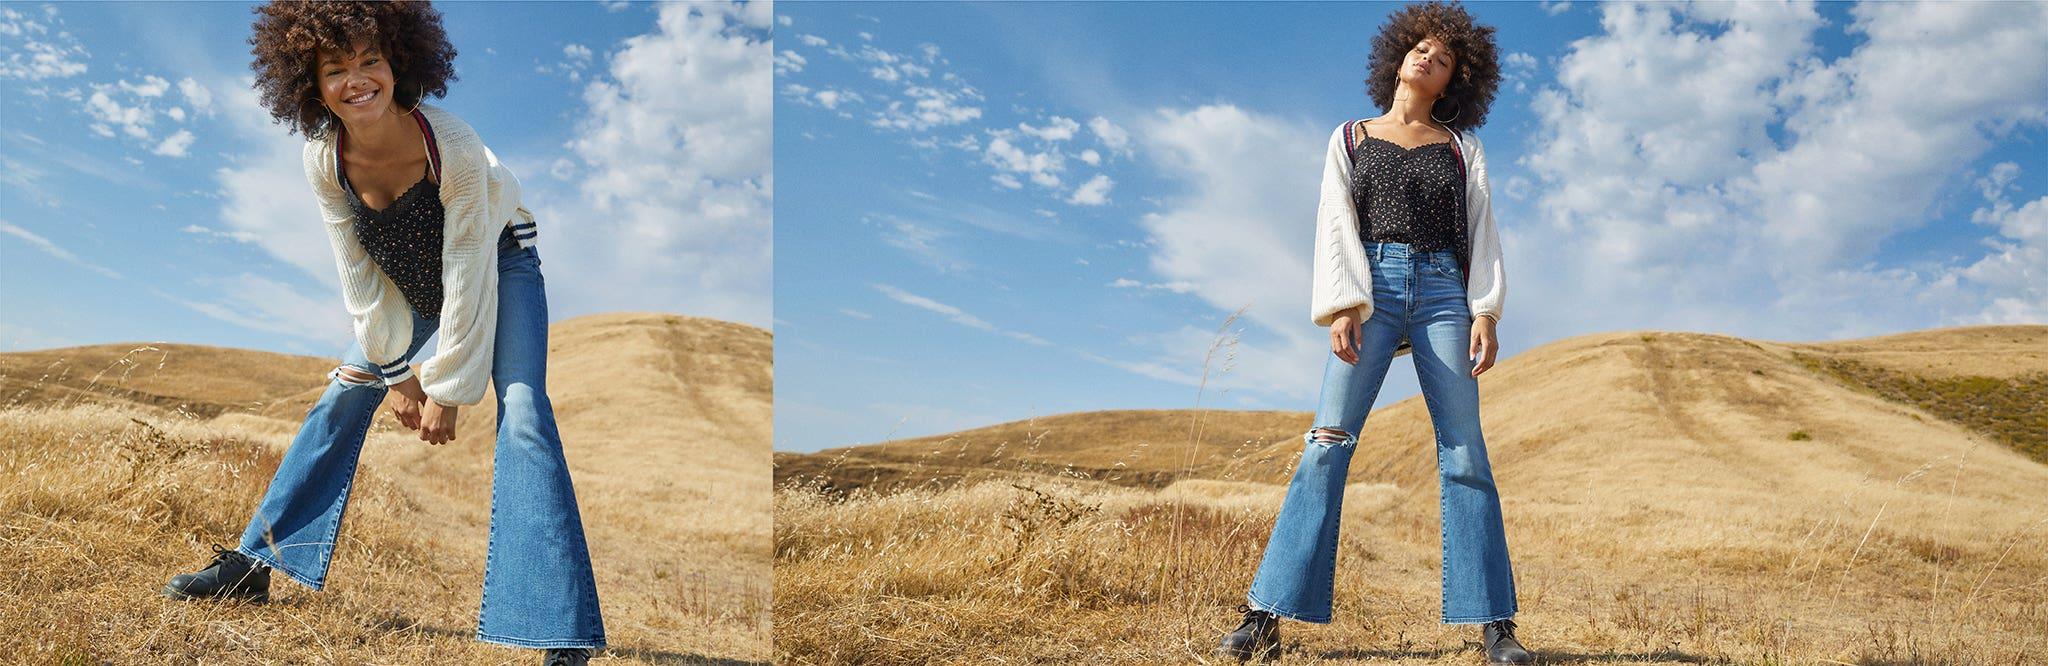 ג'ינסים טרנדים לנשים